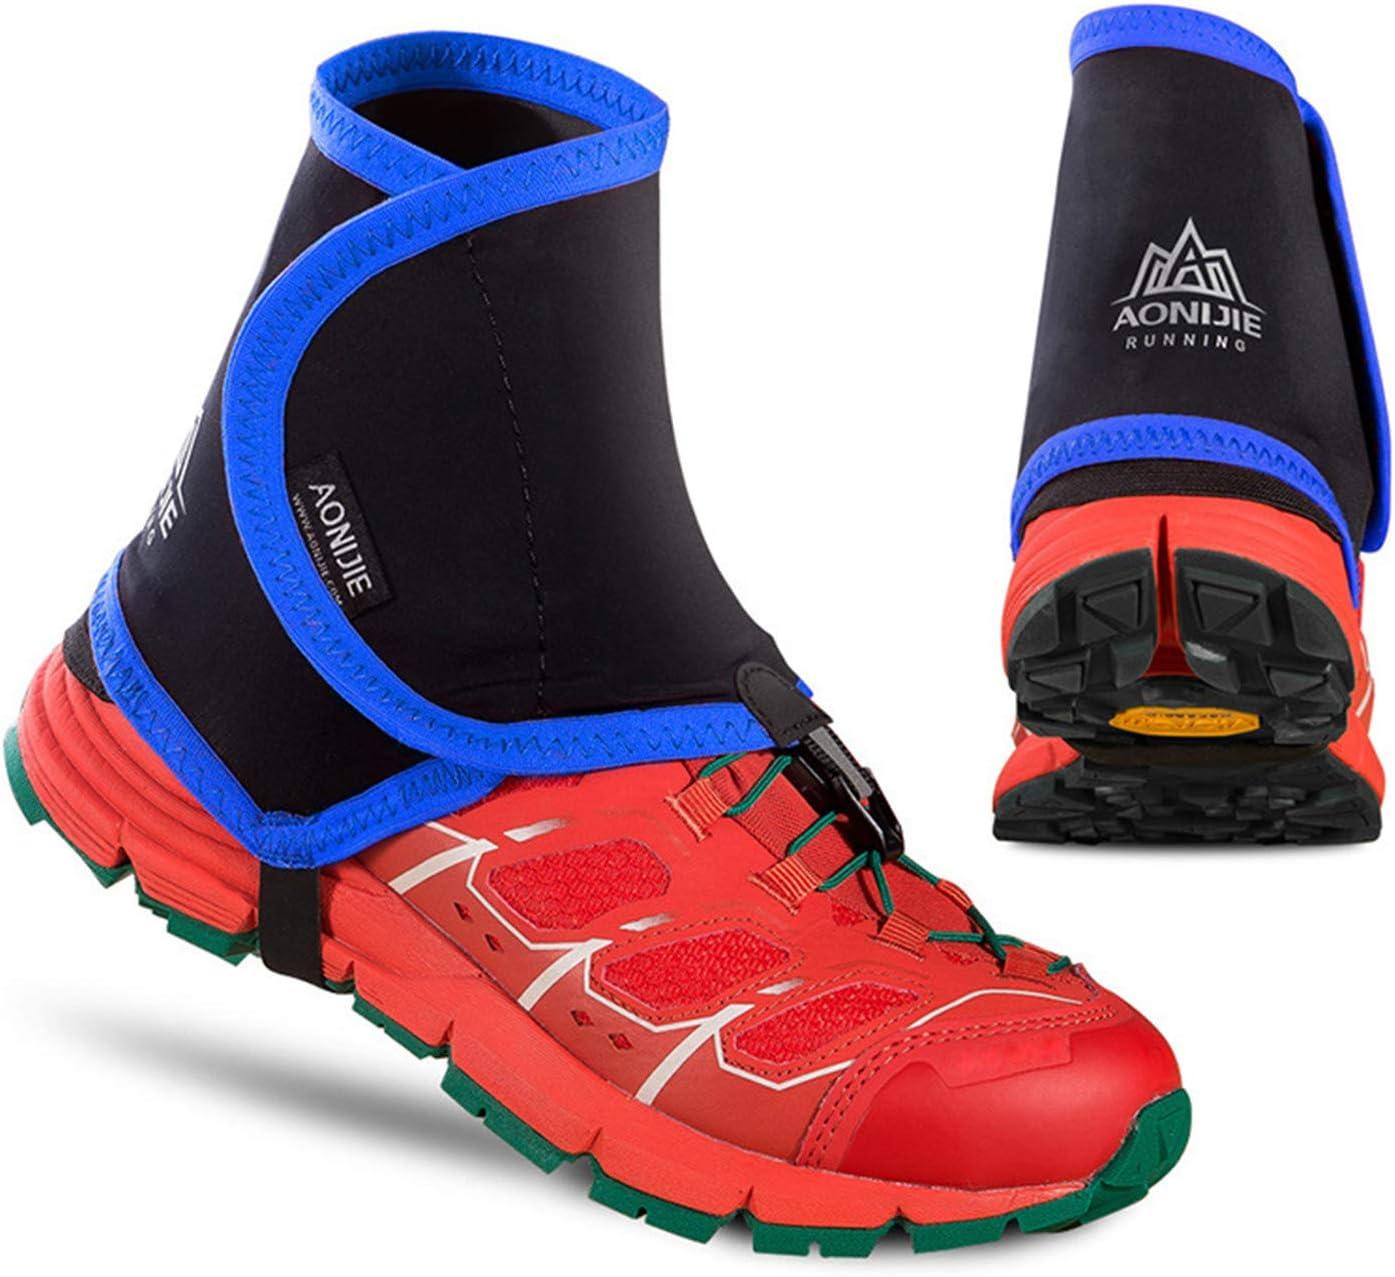 Laufen,Trailrunning Win.Deeper 1 Paar Gamaschen Trail Gaiters F/ür Outdoor Sport Wandern